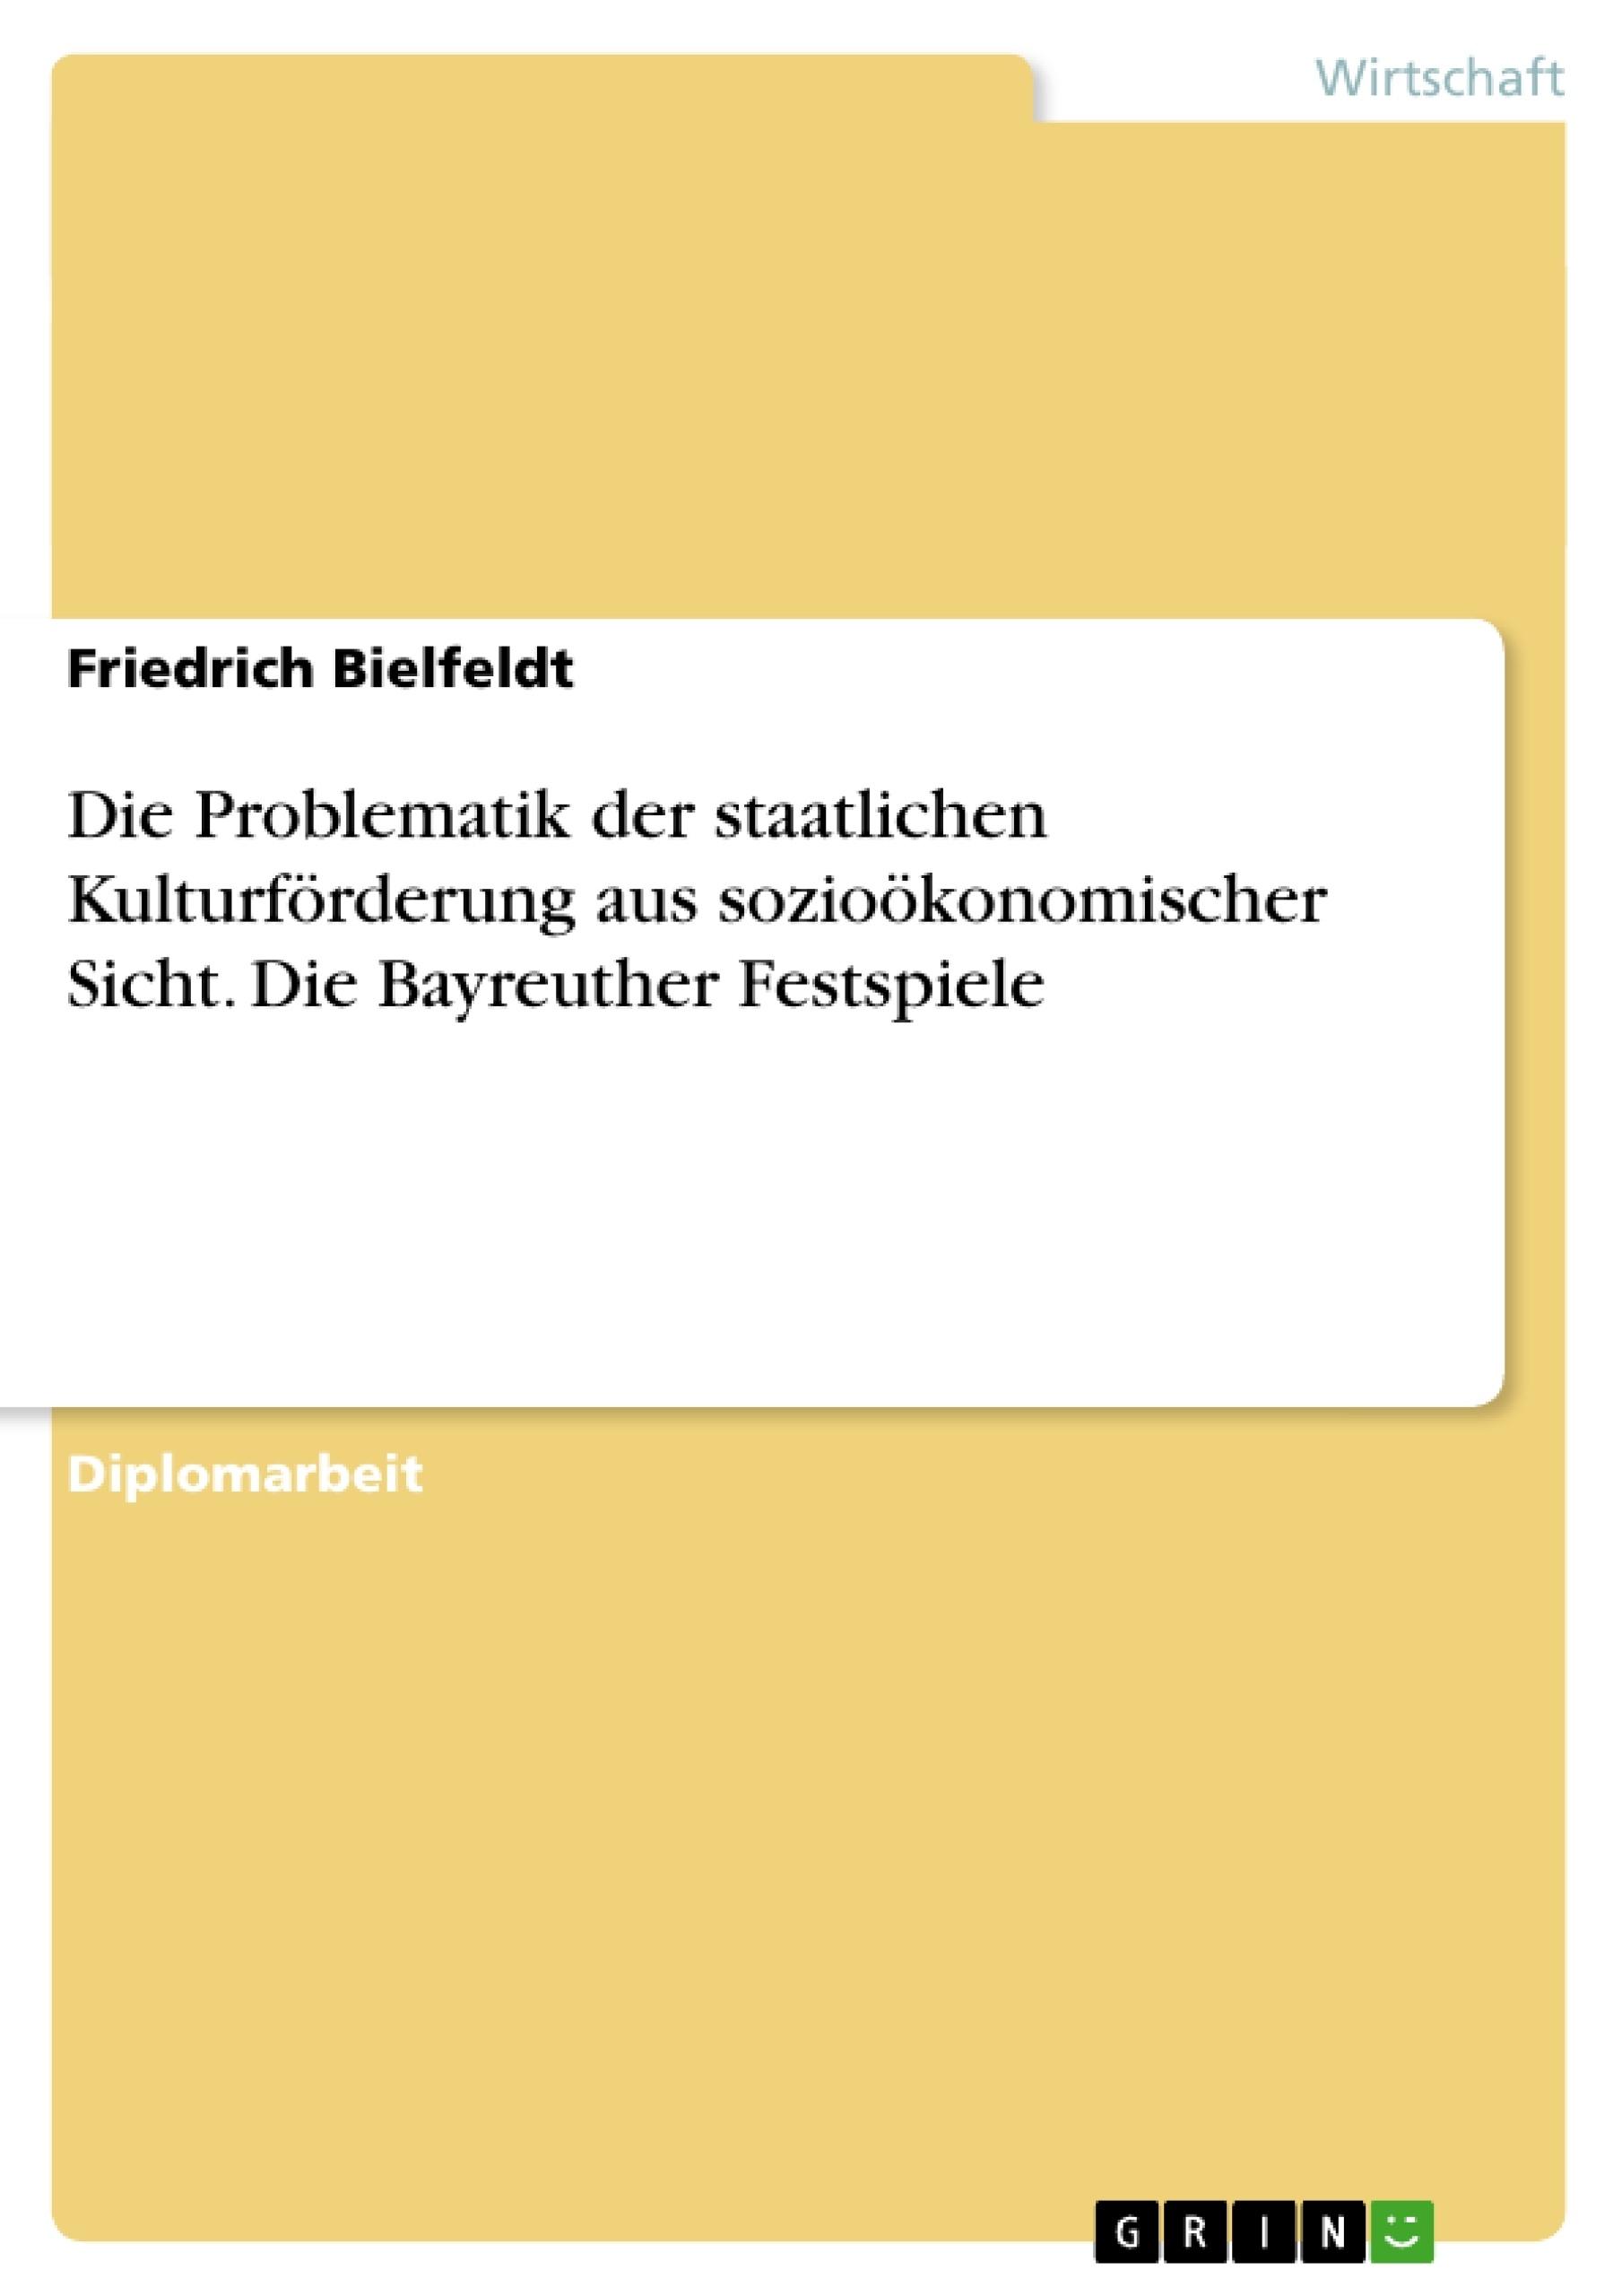 Titel: Die Problematik der staatlichen Kulturförderung aus sozioökonomischer Sicht. Die Bayreuther Festspiele